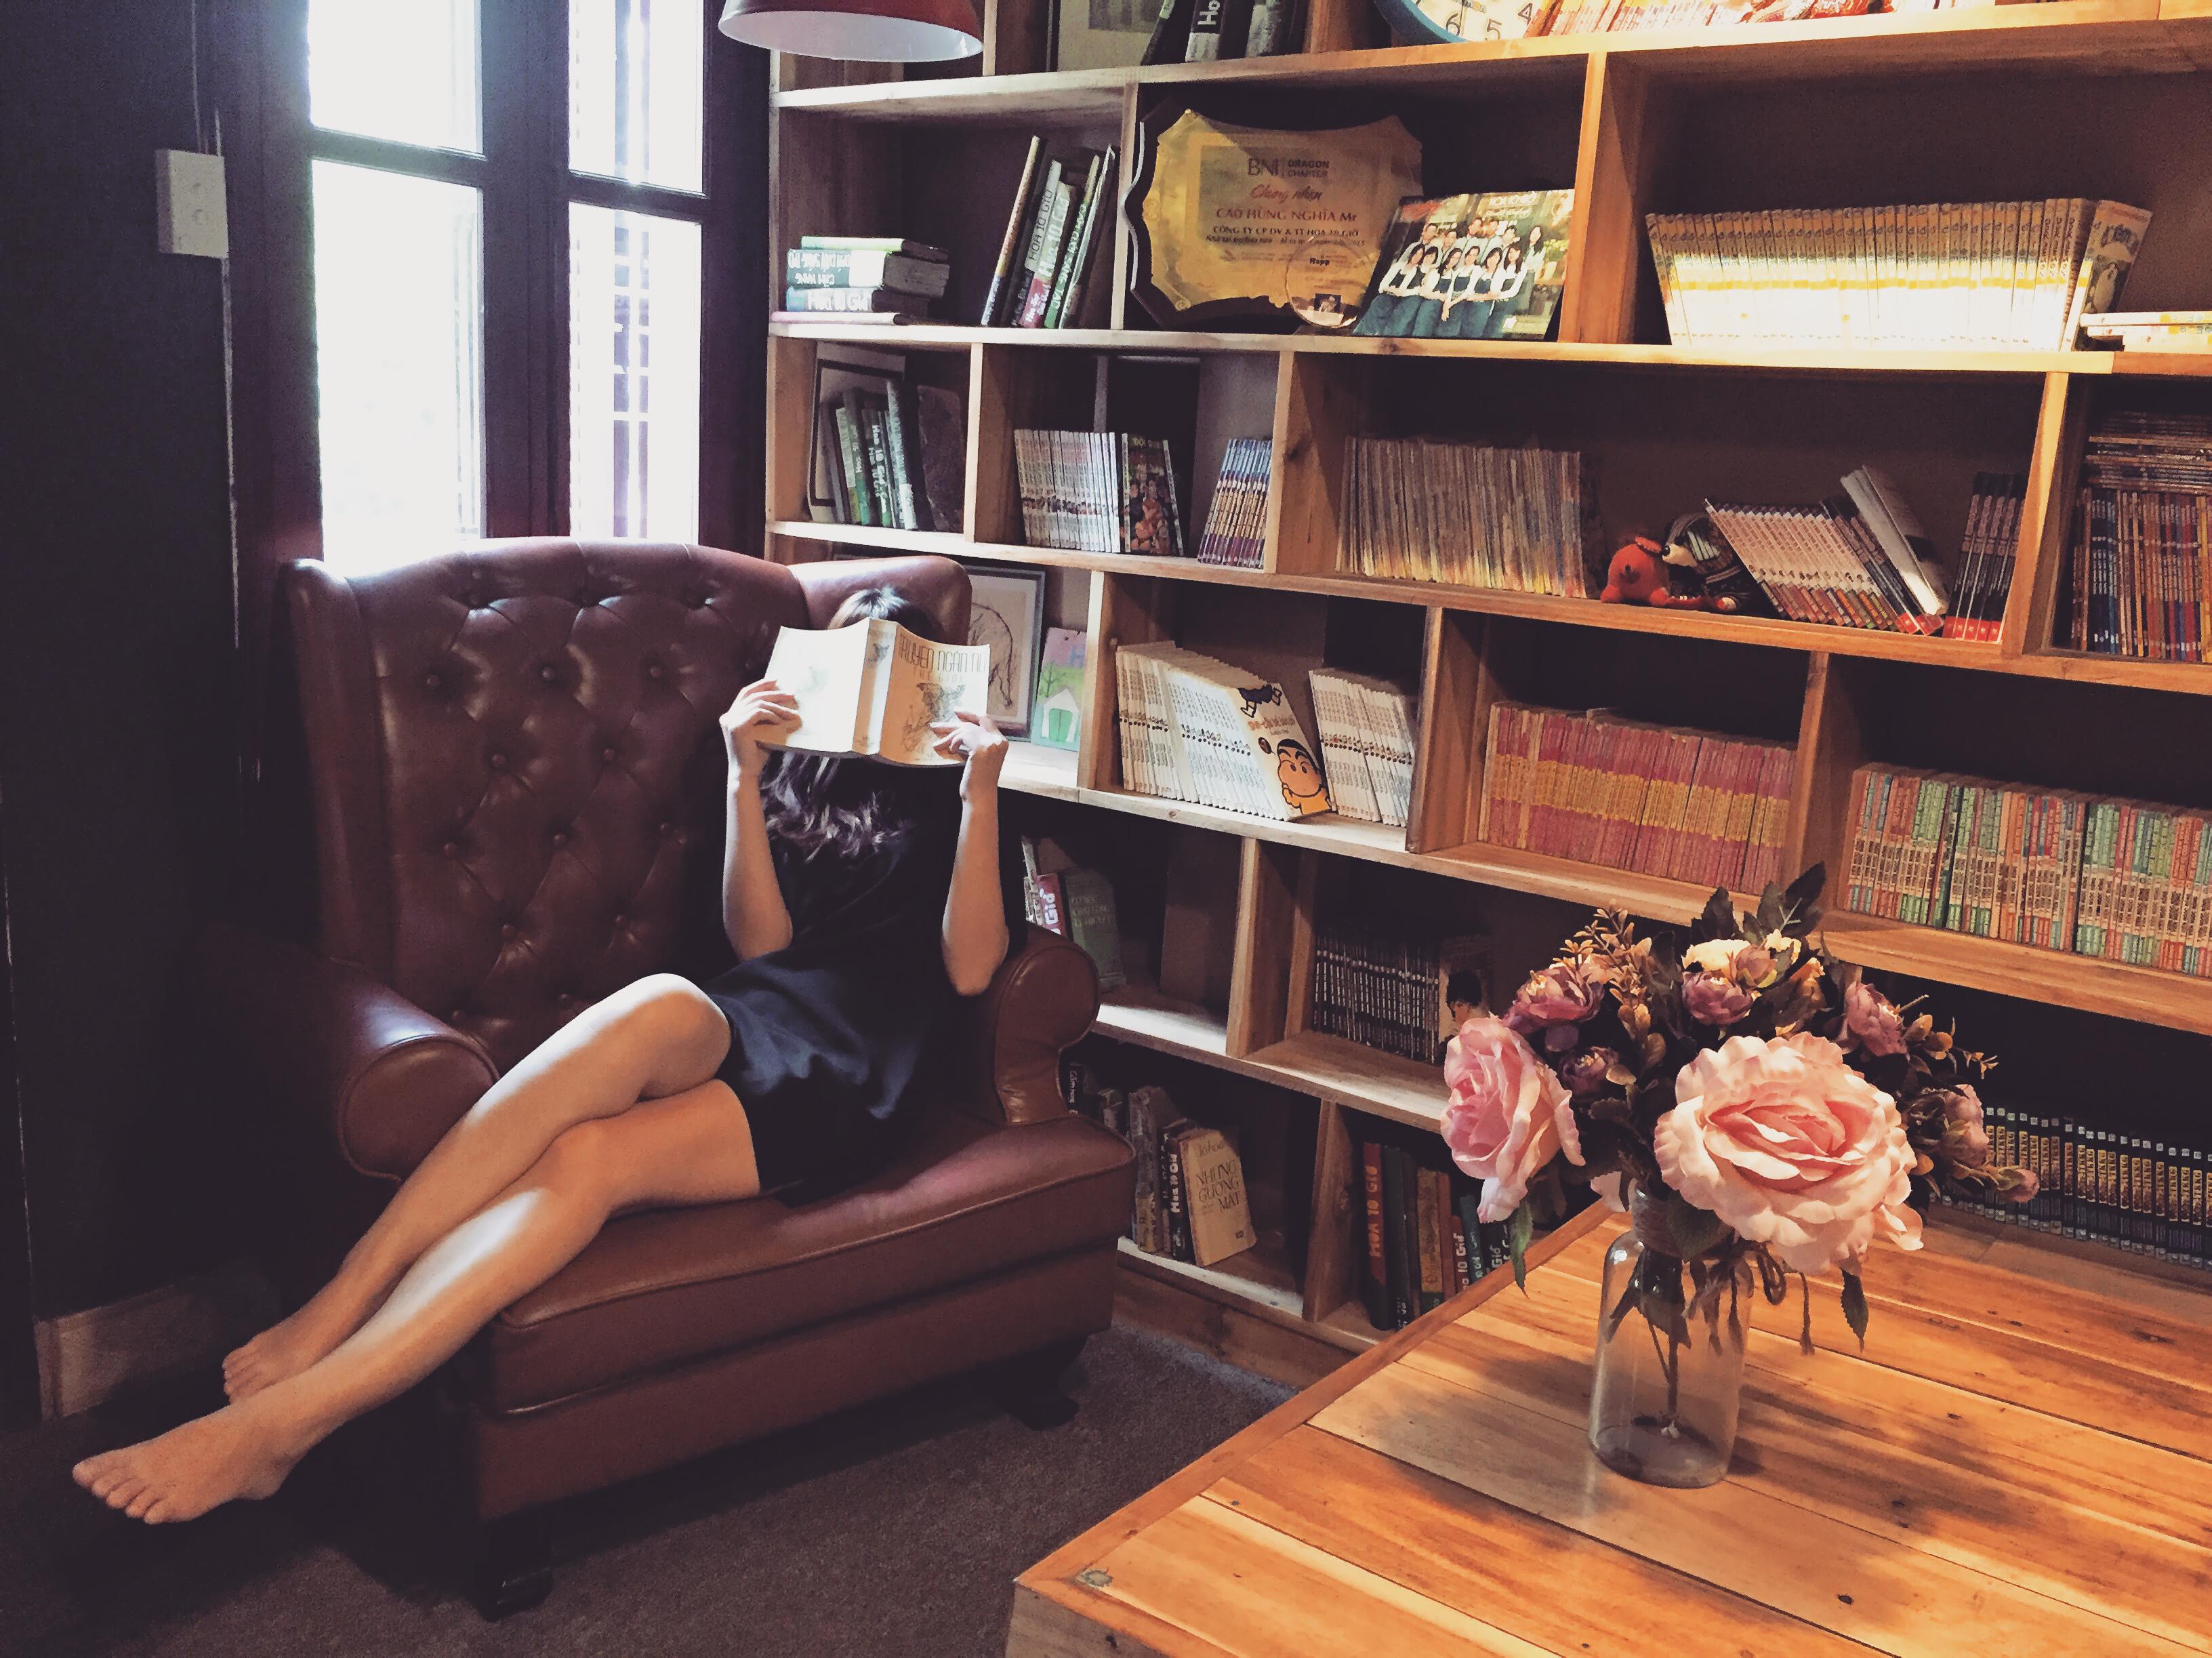 biblioteka ksiazka kobieta czytam